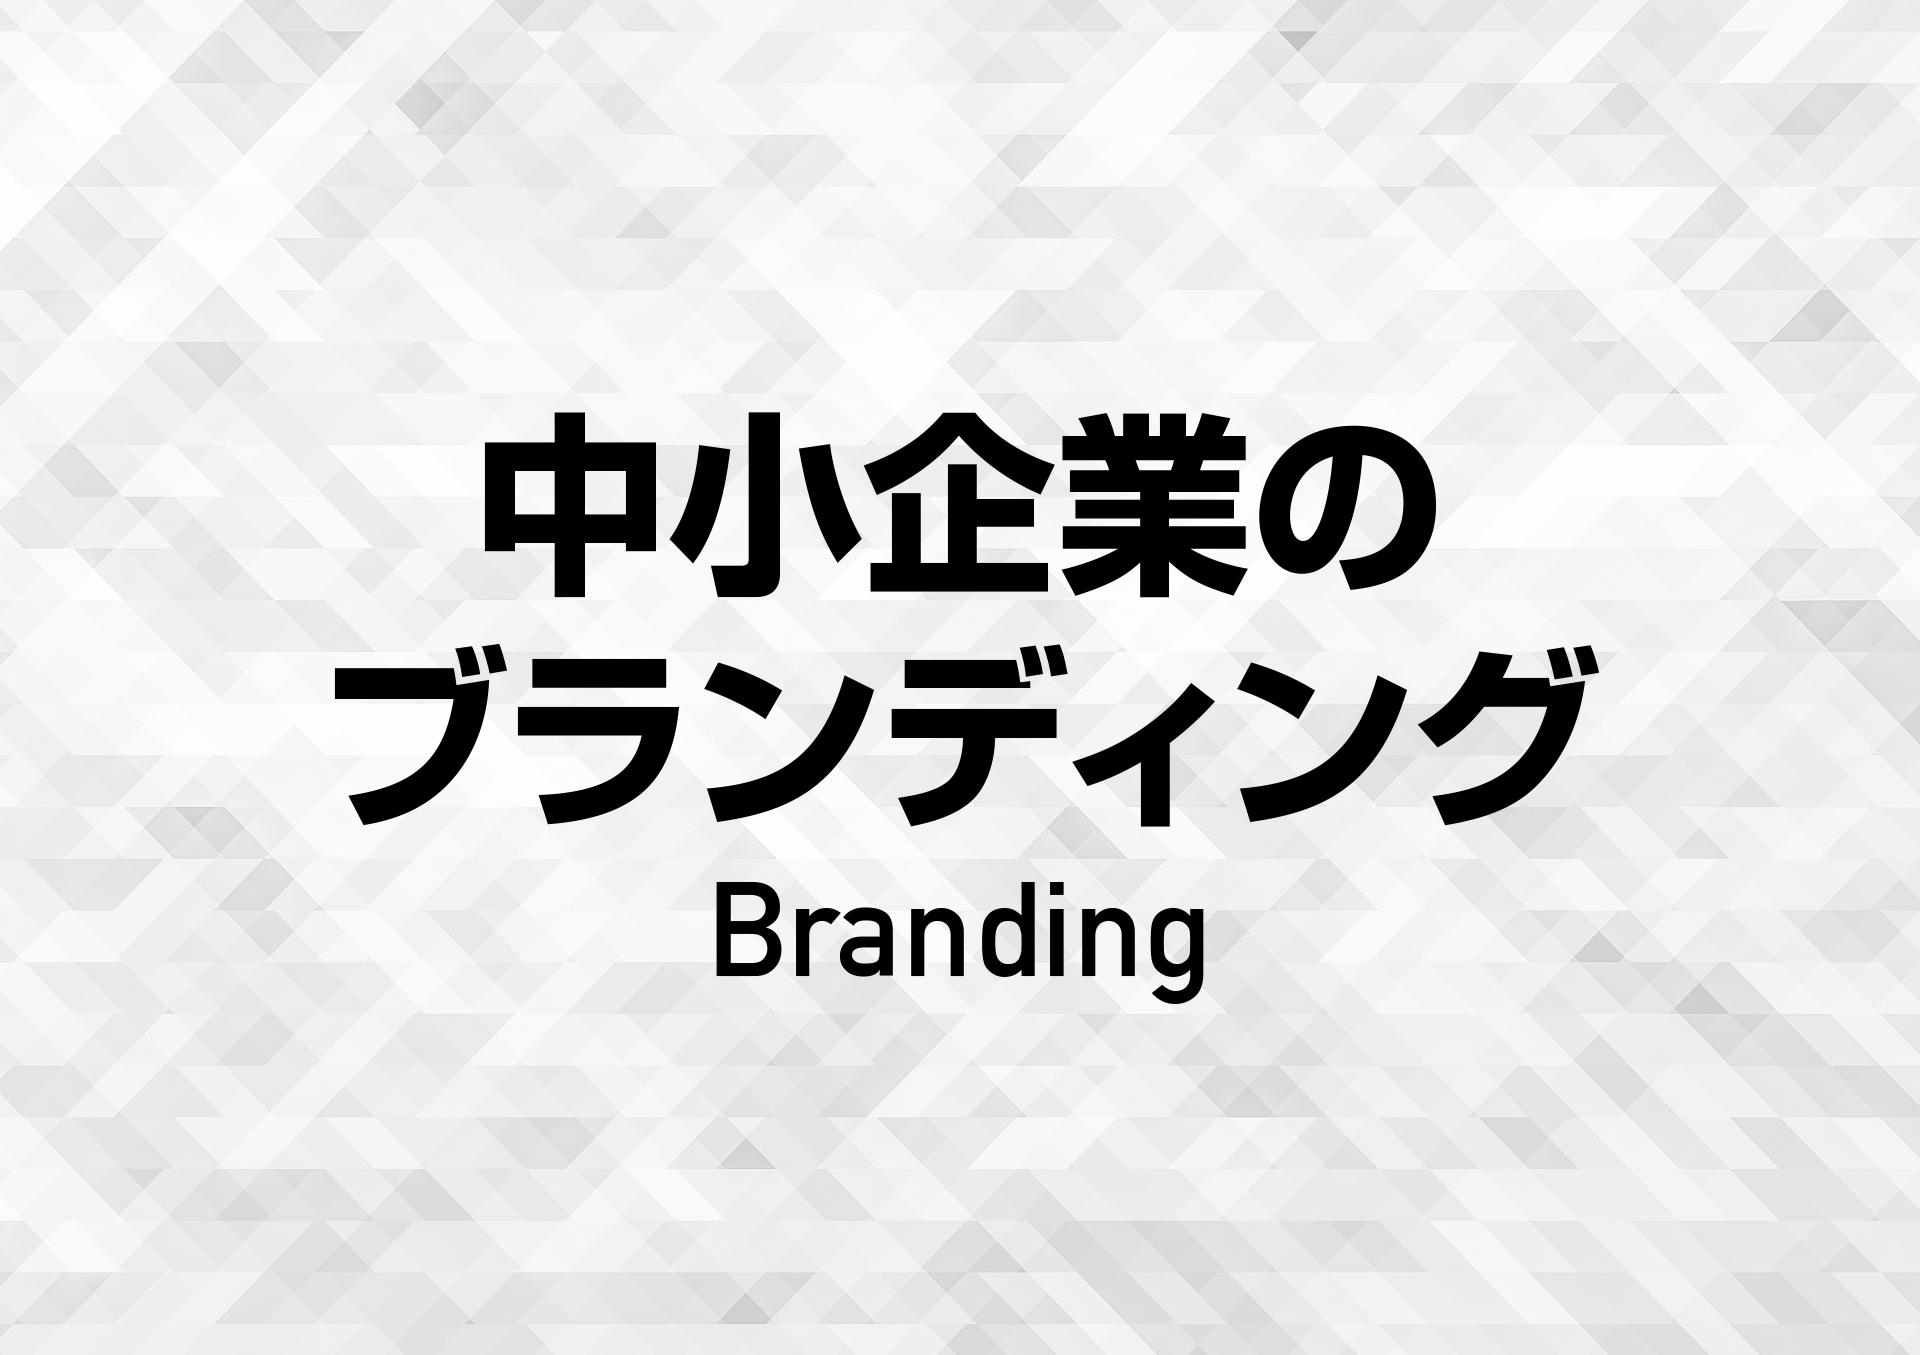 中小企業のブランディング!ロゴを作る!コンセプトコピーやタグラインを開発する!